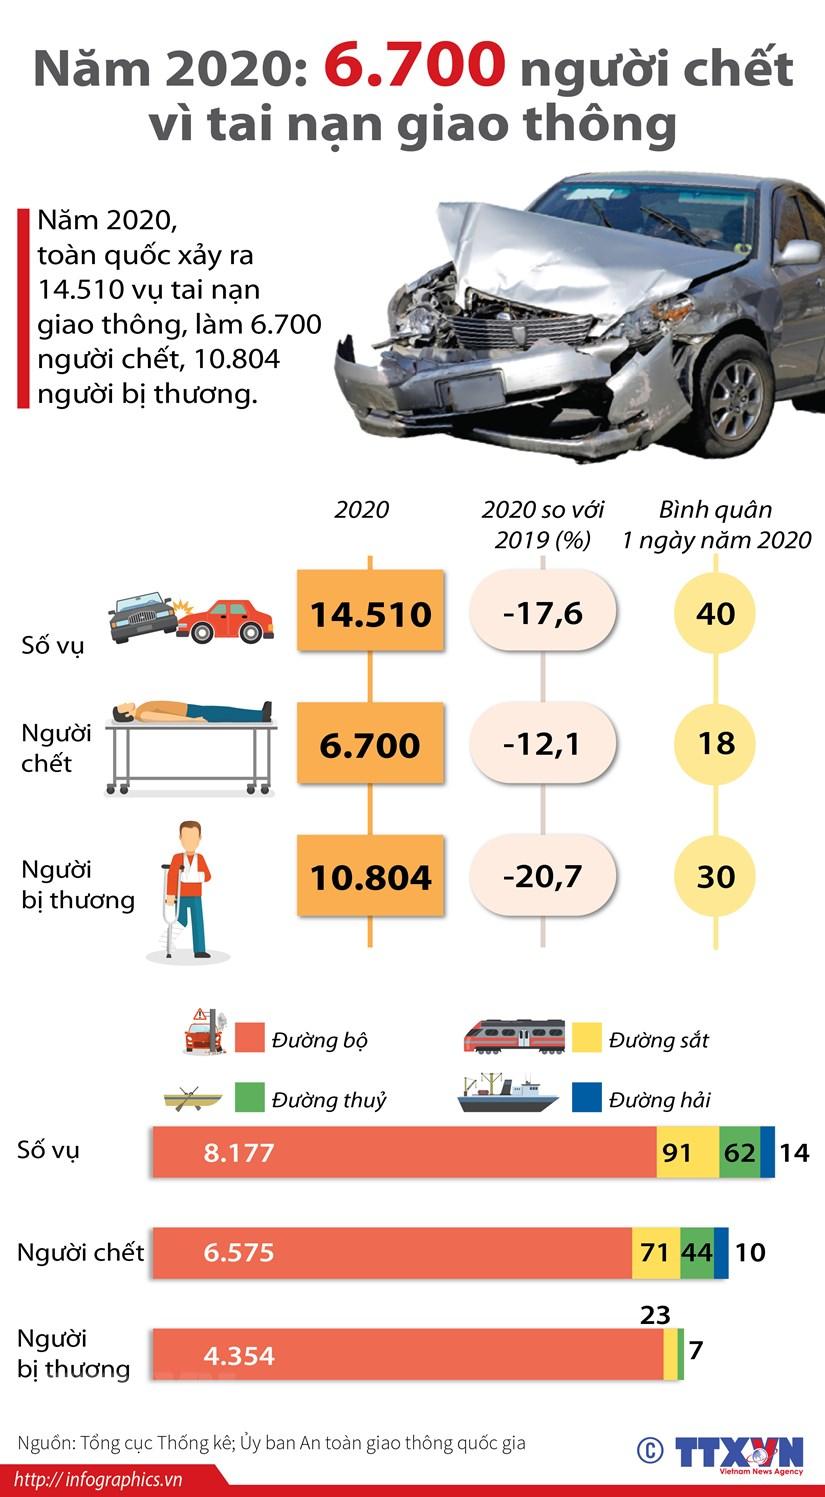 [Infographics] 6.700 nguoi chet do tai nan giao thong trong nam 2020 hinh anh 1